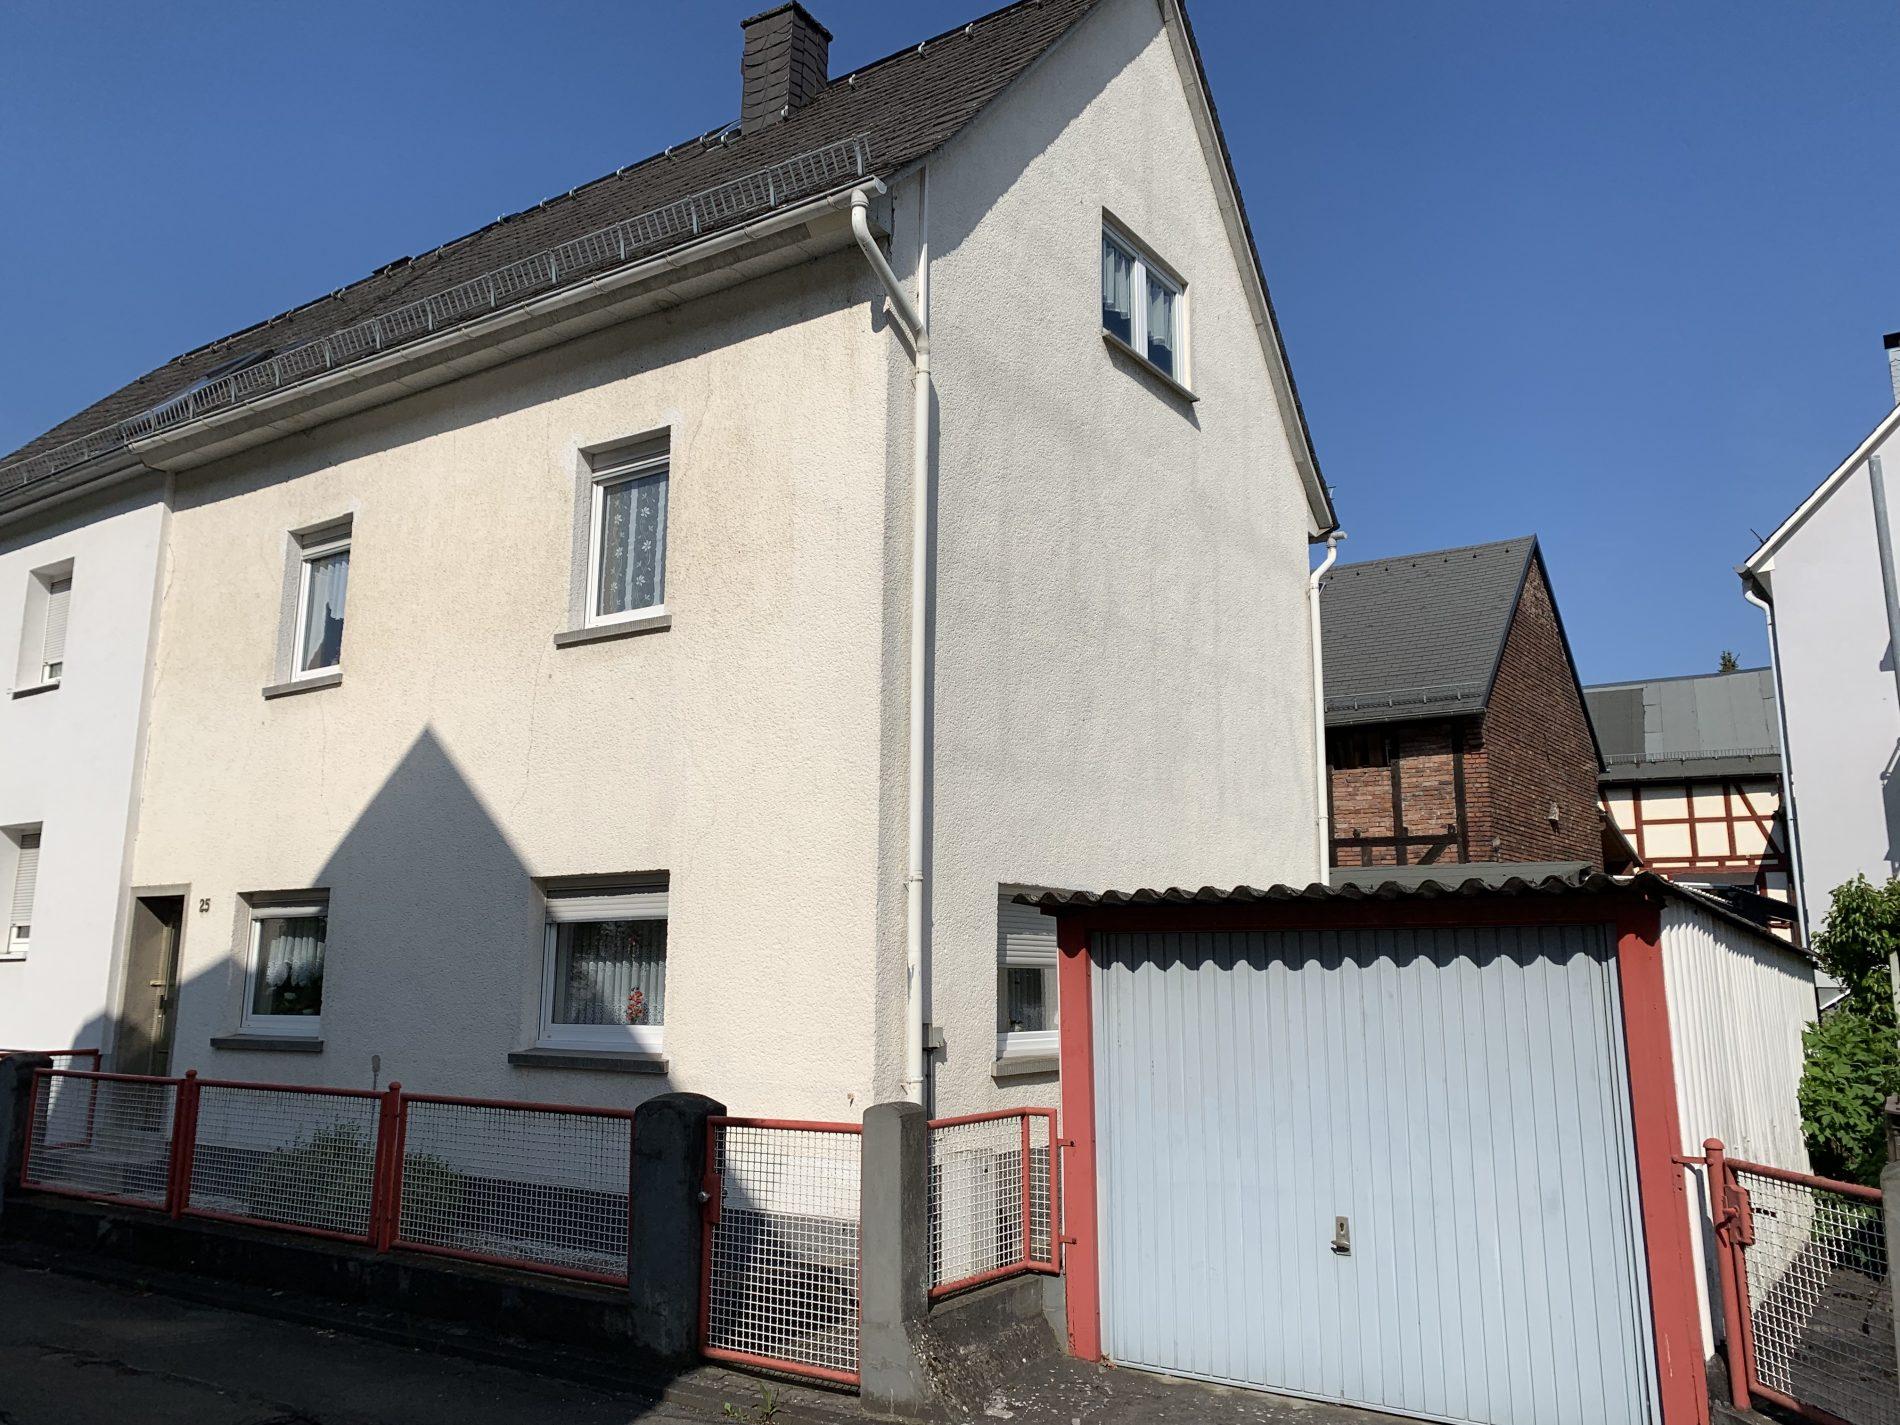 2 Fam.-Haus in Dillenburg- Niederscheld